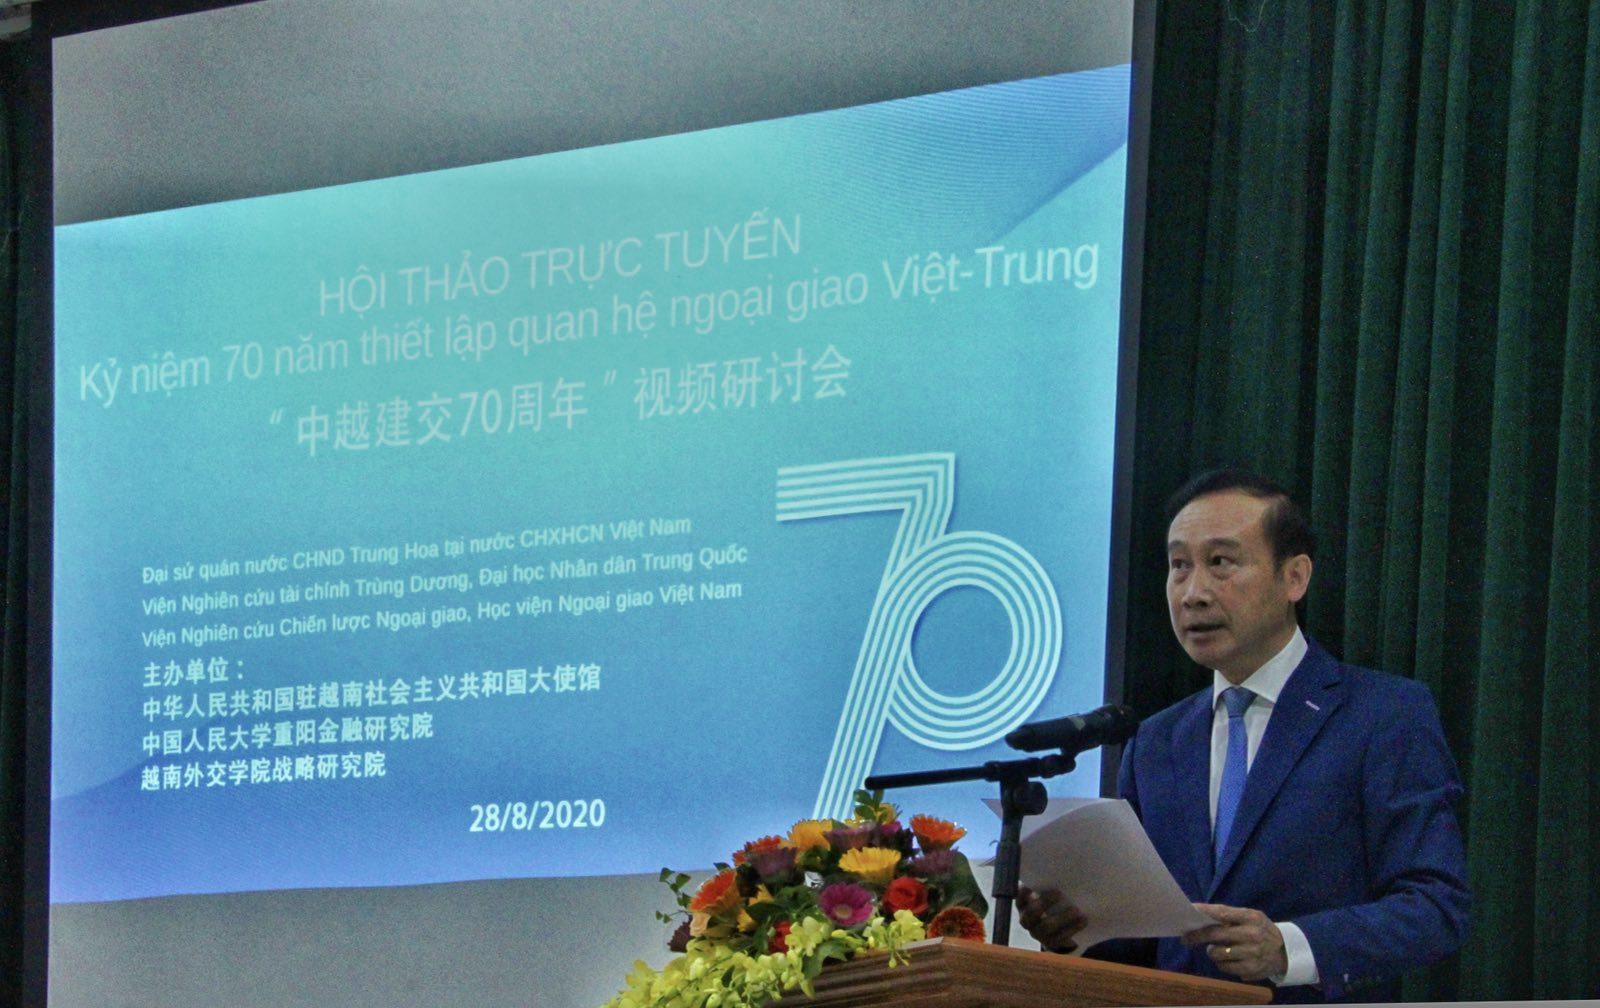 Quan hệ hữu nghị Việt - Trung mang lại những ý nghĩa của thời đại mới